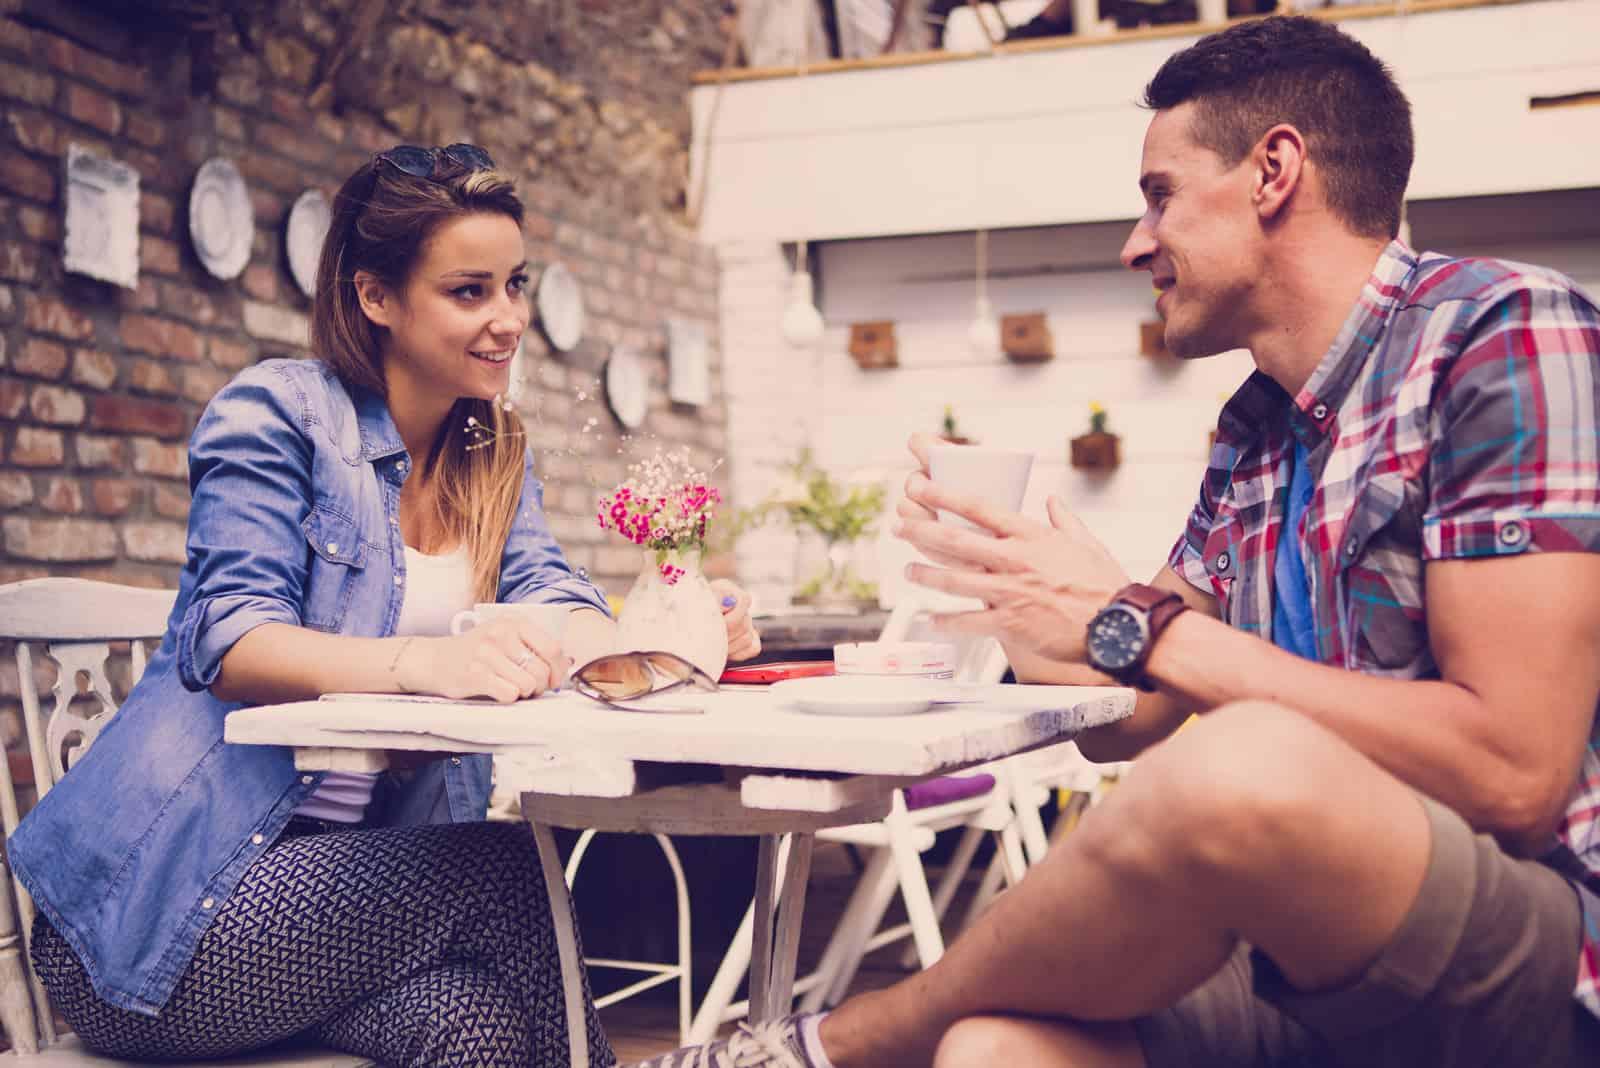 un homme et une femme sont assis dans un café et parlent autour d'un café